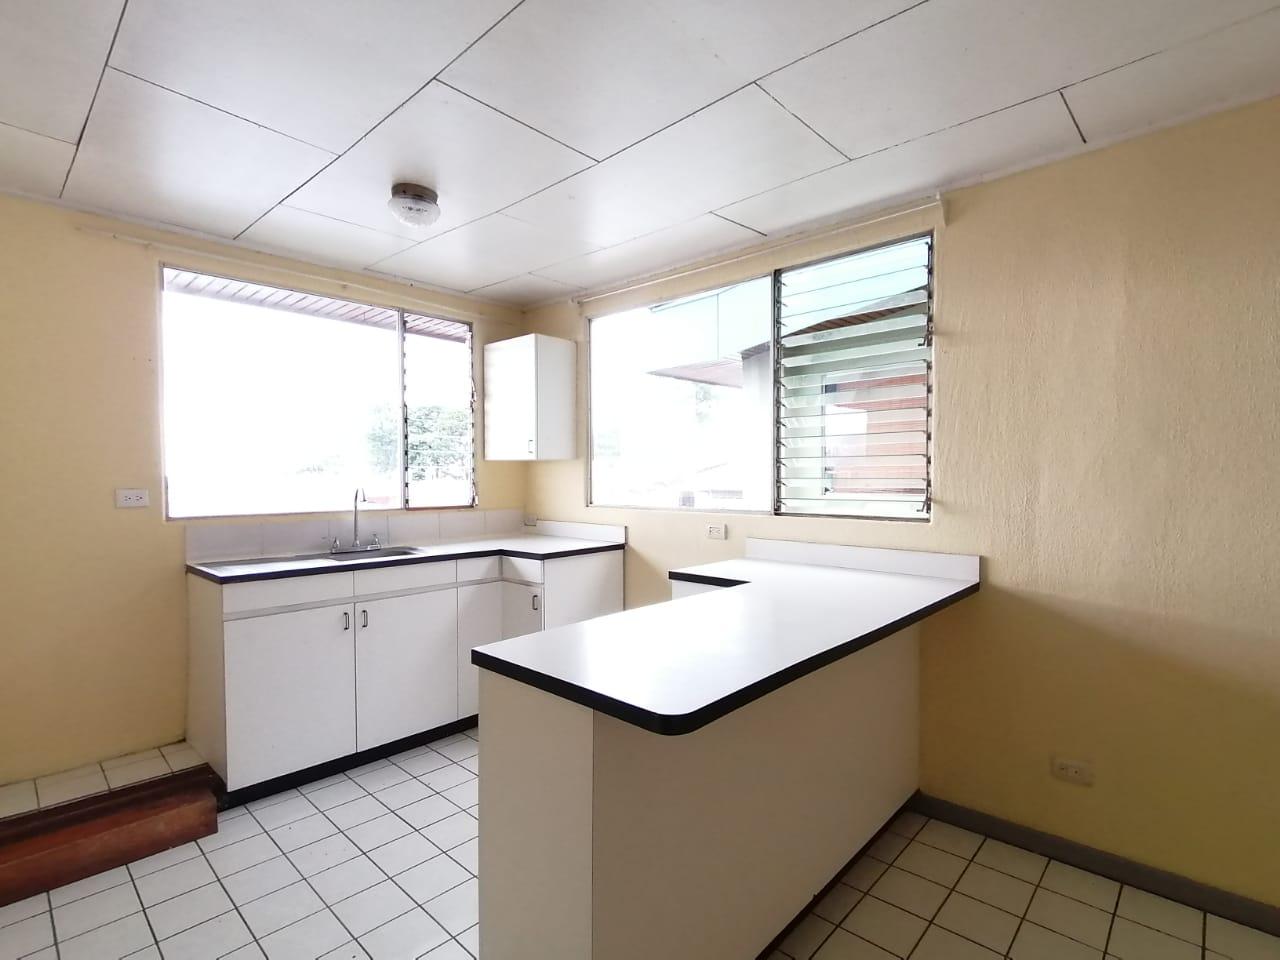 2630 Se Alquila apartamento dentro de condominio en Curridabat